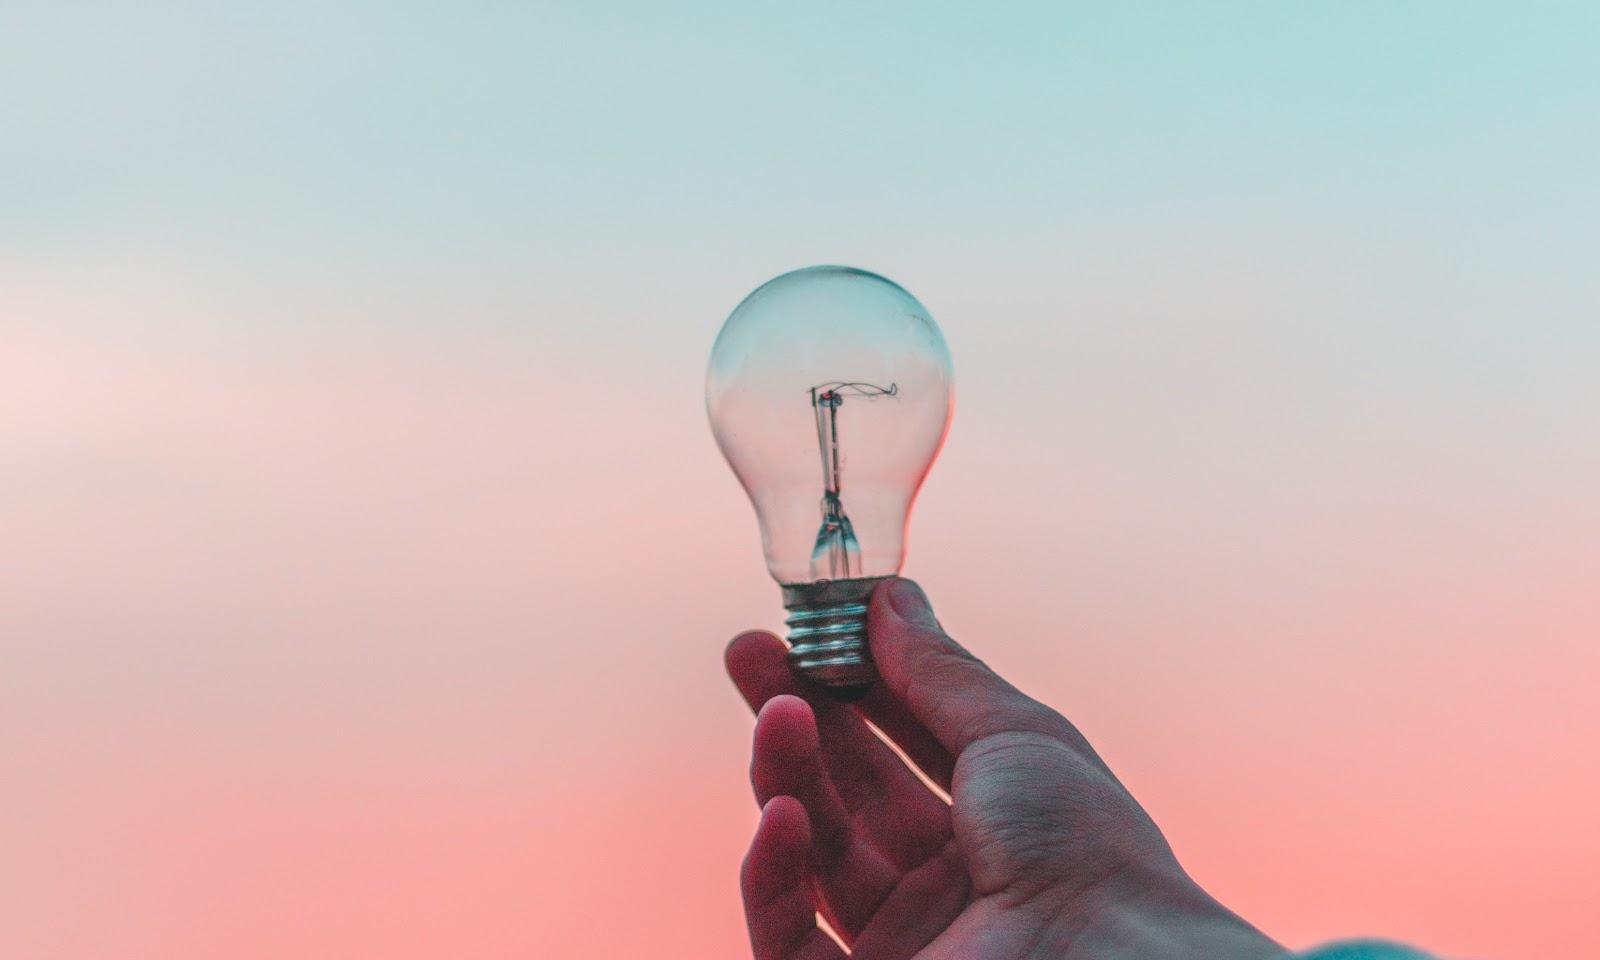 Pessoa segurando uma lâmpada no pôr do sol, dando ideia de criatividade e inovação que uma pessoa pode ter com ela